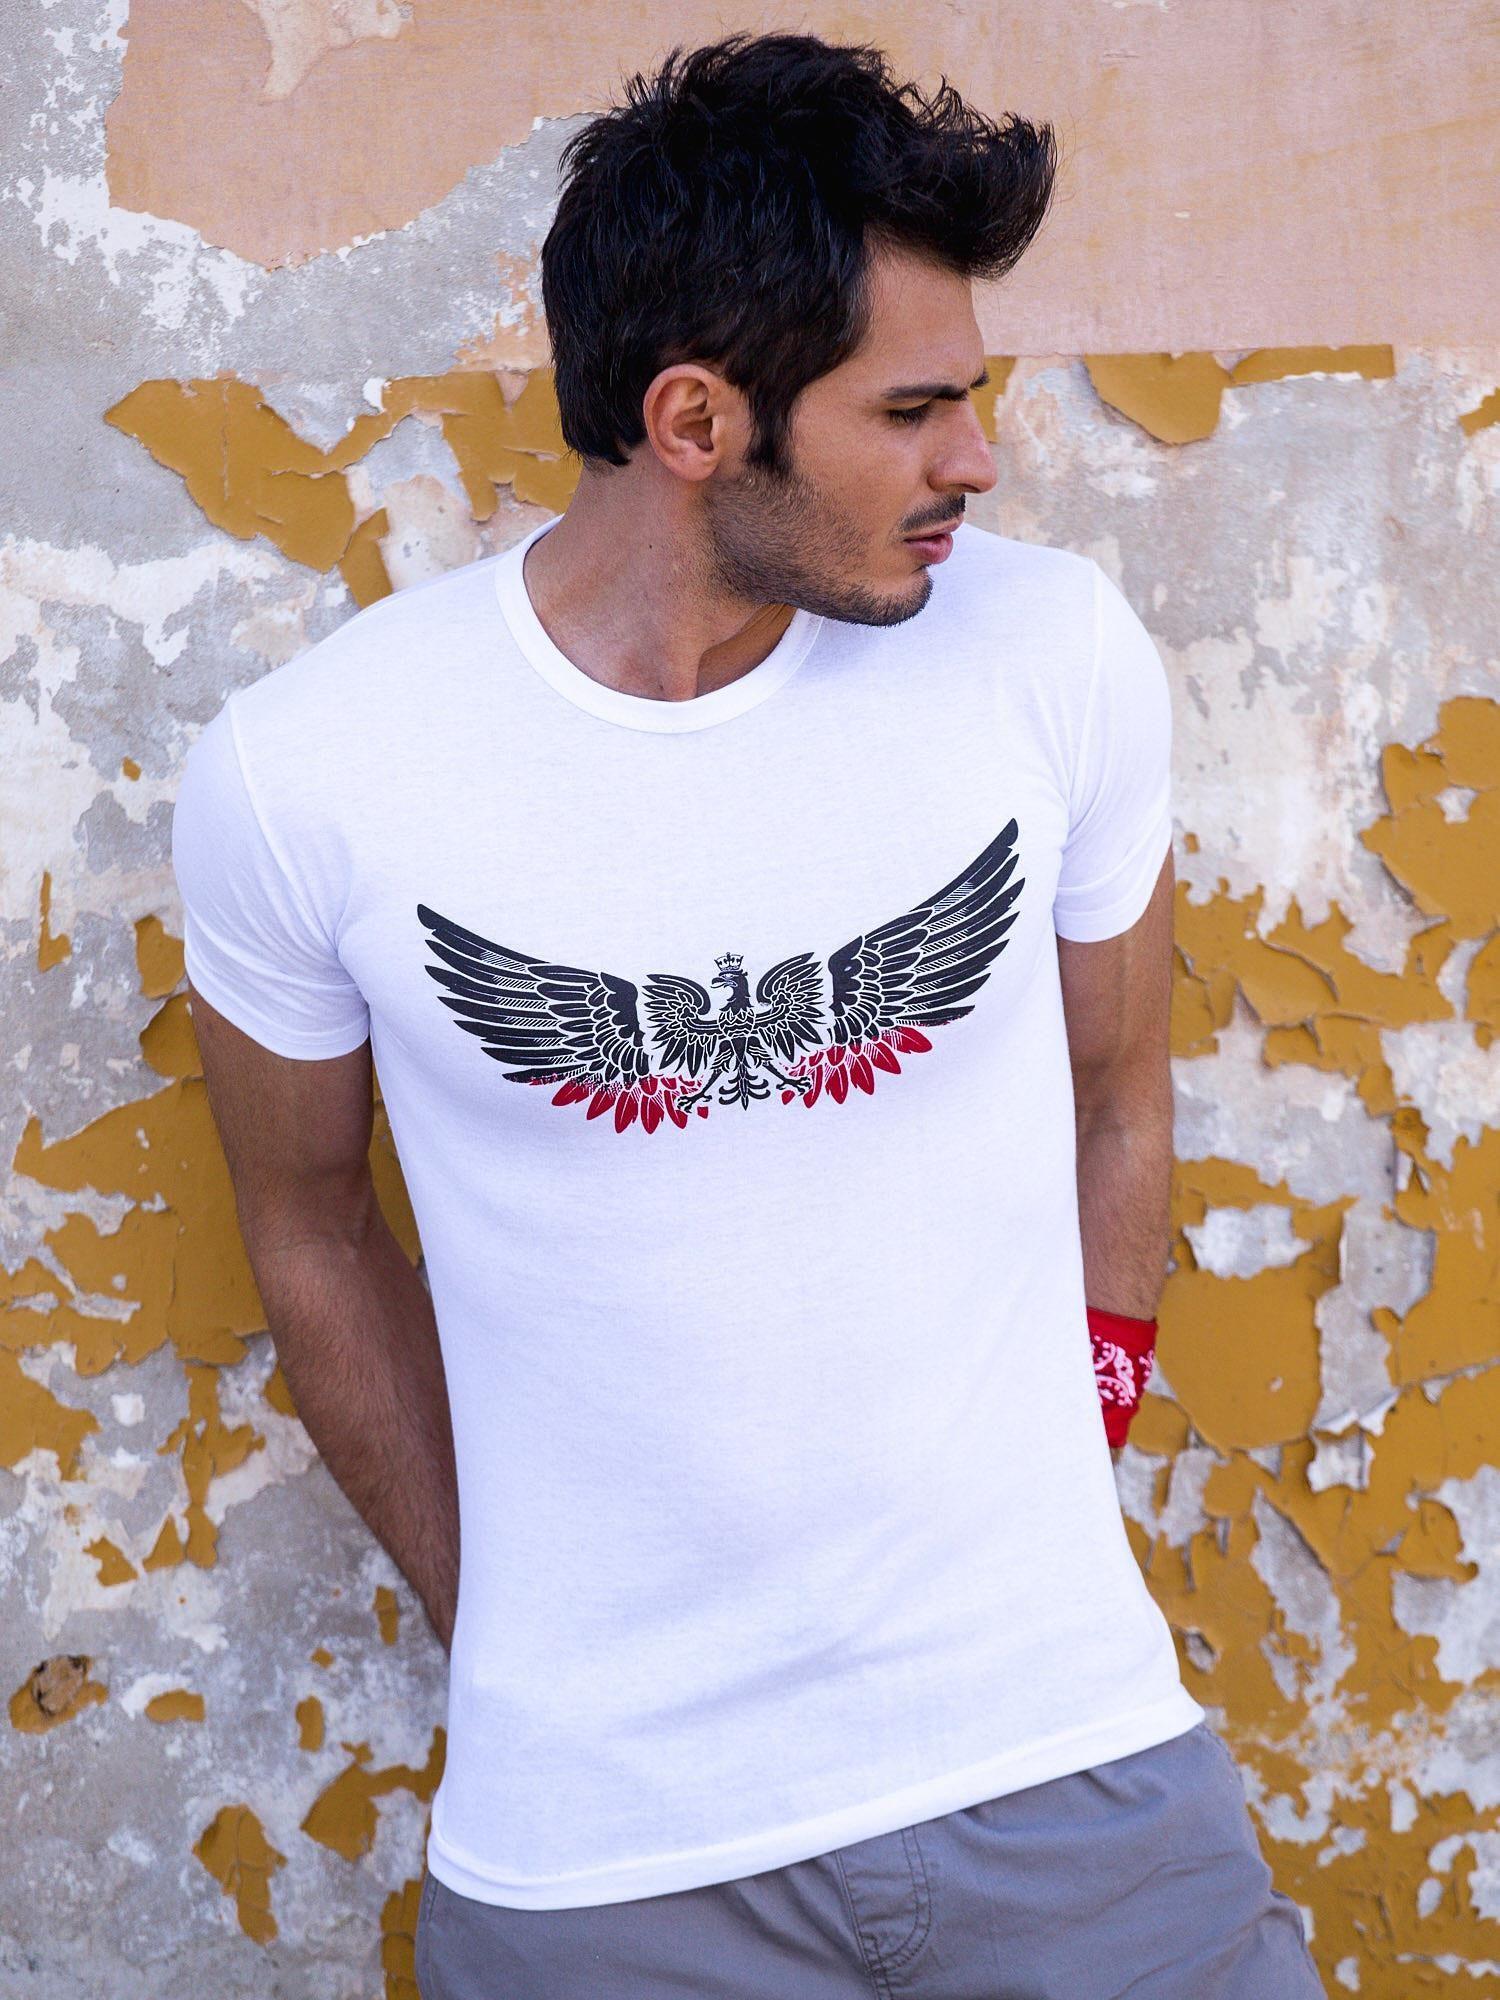 640f4e1cd3b2 Biały t-shirt męski z orłem - Mężczyźni T-shirt męski - sklep eButik.pl